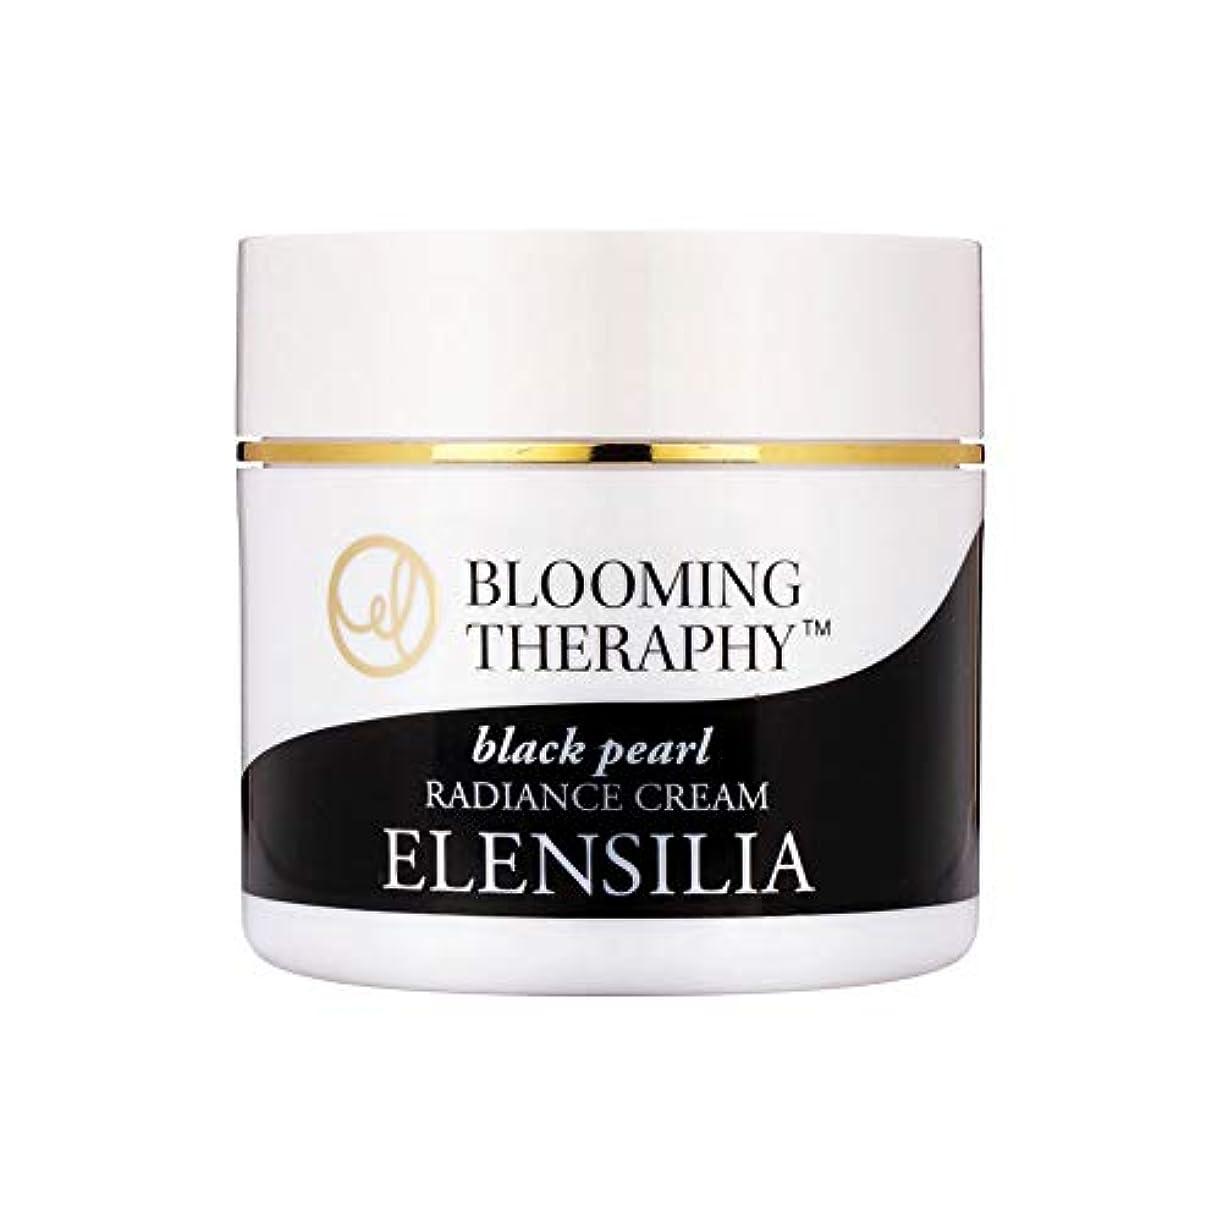 オーバーフロー豊富に第九エルレンシルラElensilia 韓国コスメ ブルーミングセラピー黒真珠ラディアンスクリーム50g 海外直送品 Blooming Theraphy Black Pearl Radiance Cream [並行輸入品]